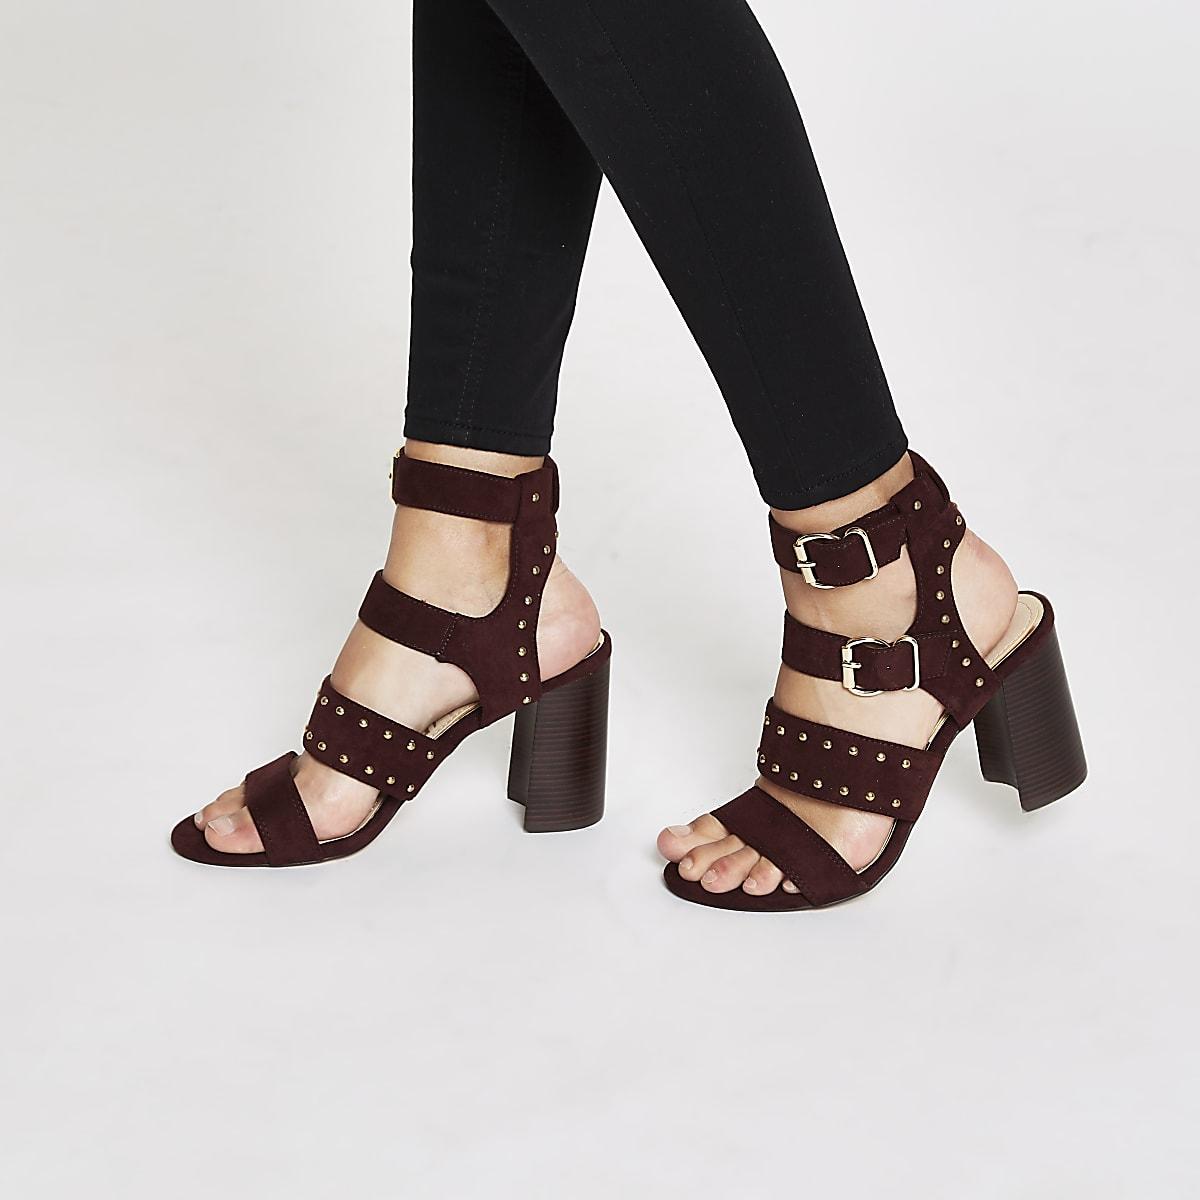 eca9c768874 Dark red suede studded block heel sandals